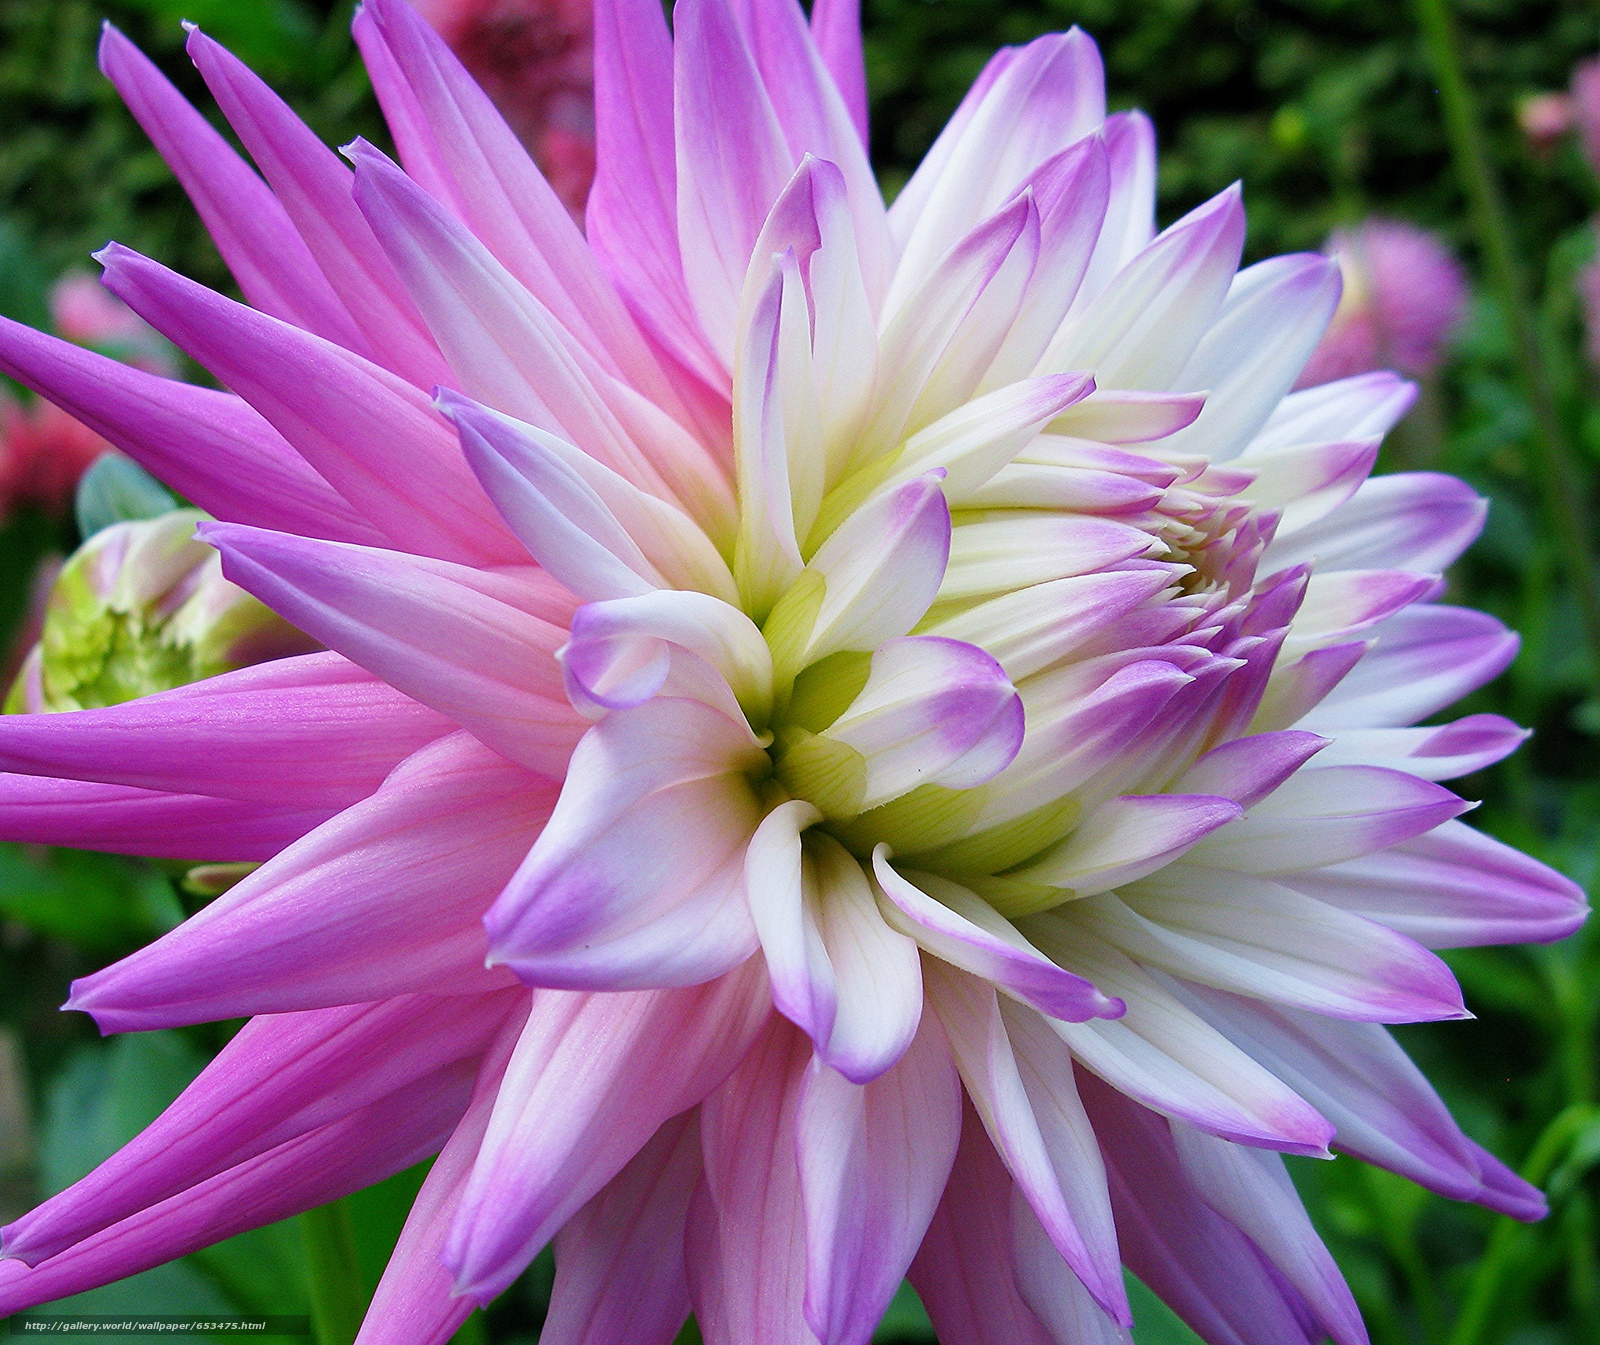 Скачать обои георгин,  цветы,  цветок,  макро бесплатно для рабочего стола в разрешении 2048x1721 — картинка №653475